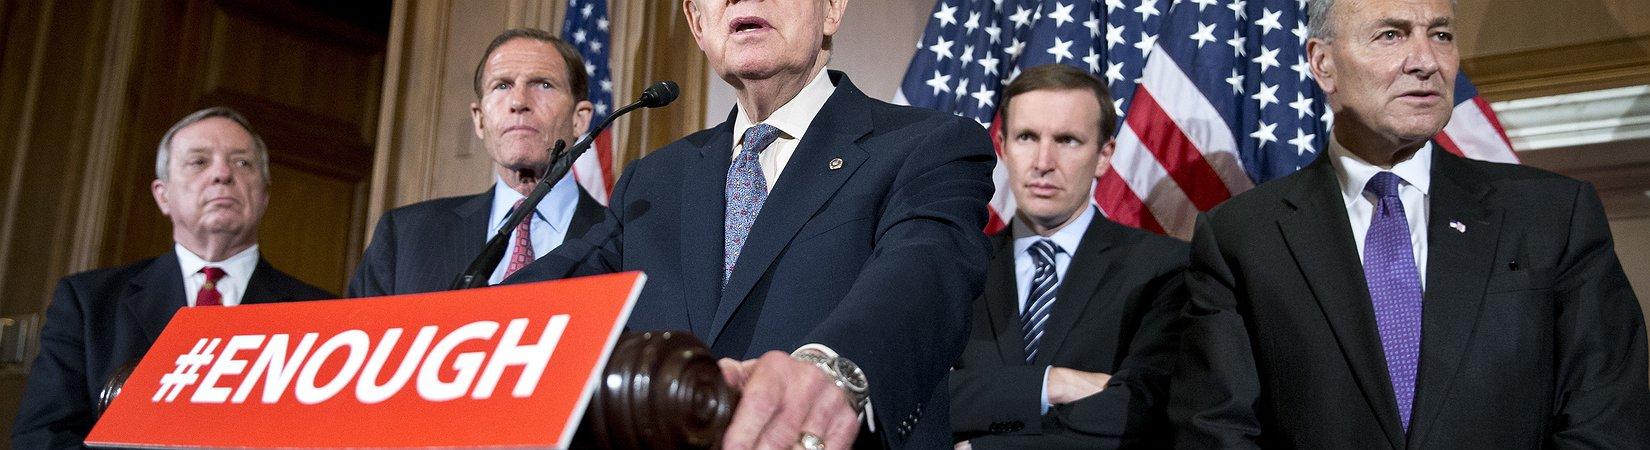 El Senado de EE. UU. rechaza cuatro medidas sobre el control de armas